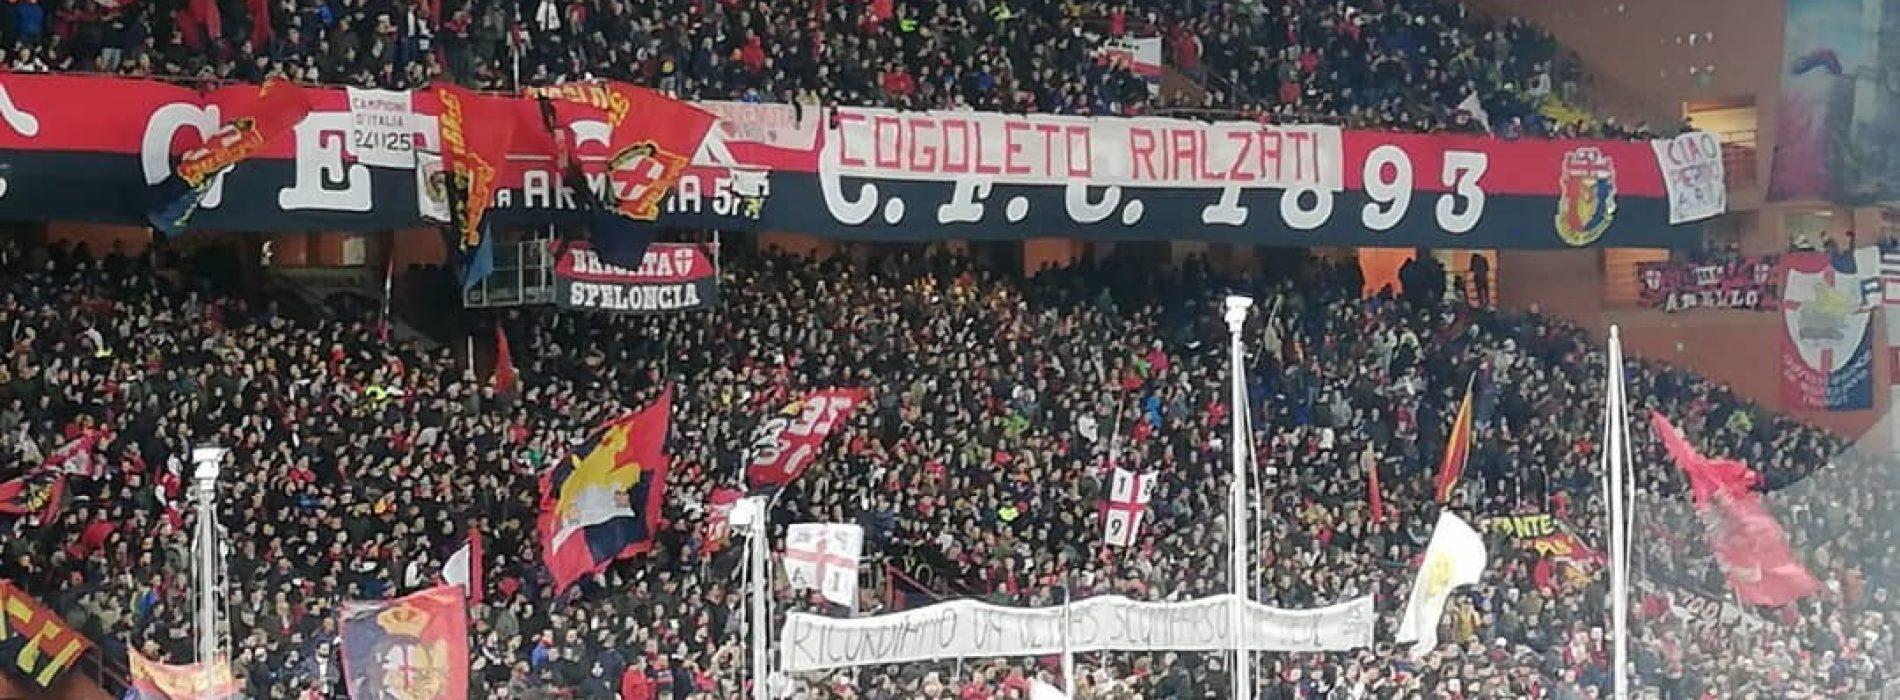 Genoa, i tifosi torneranno allo stadio contro il Cagliari